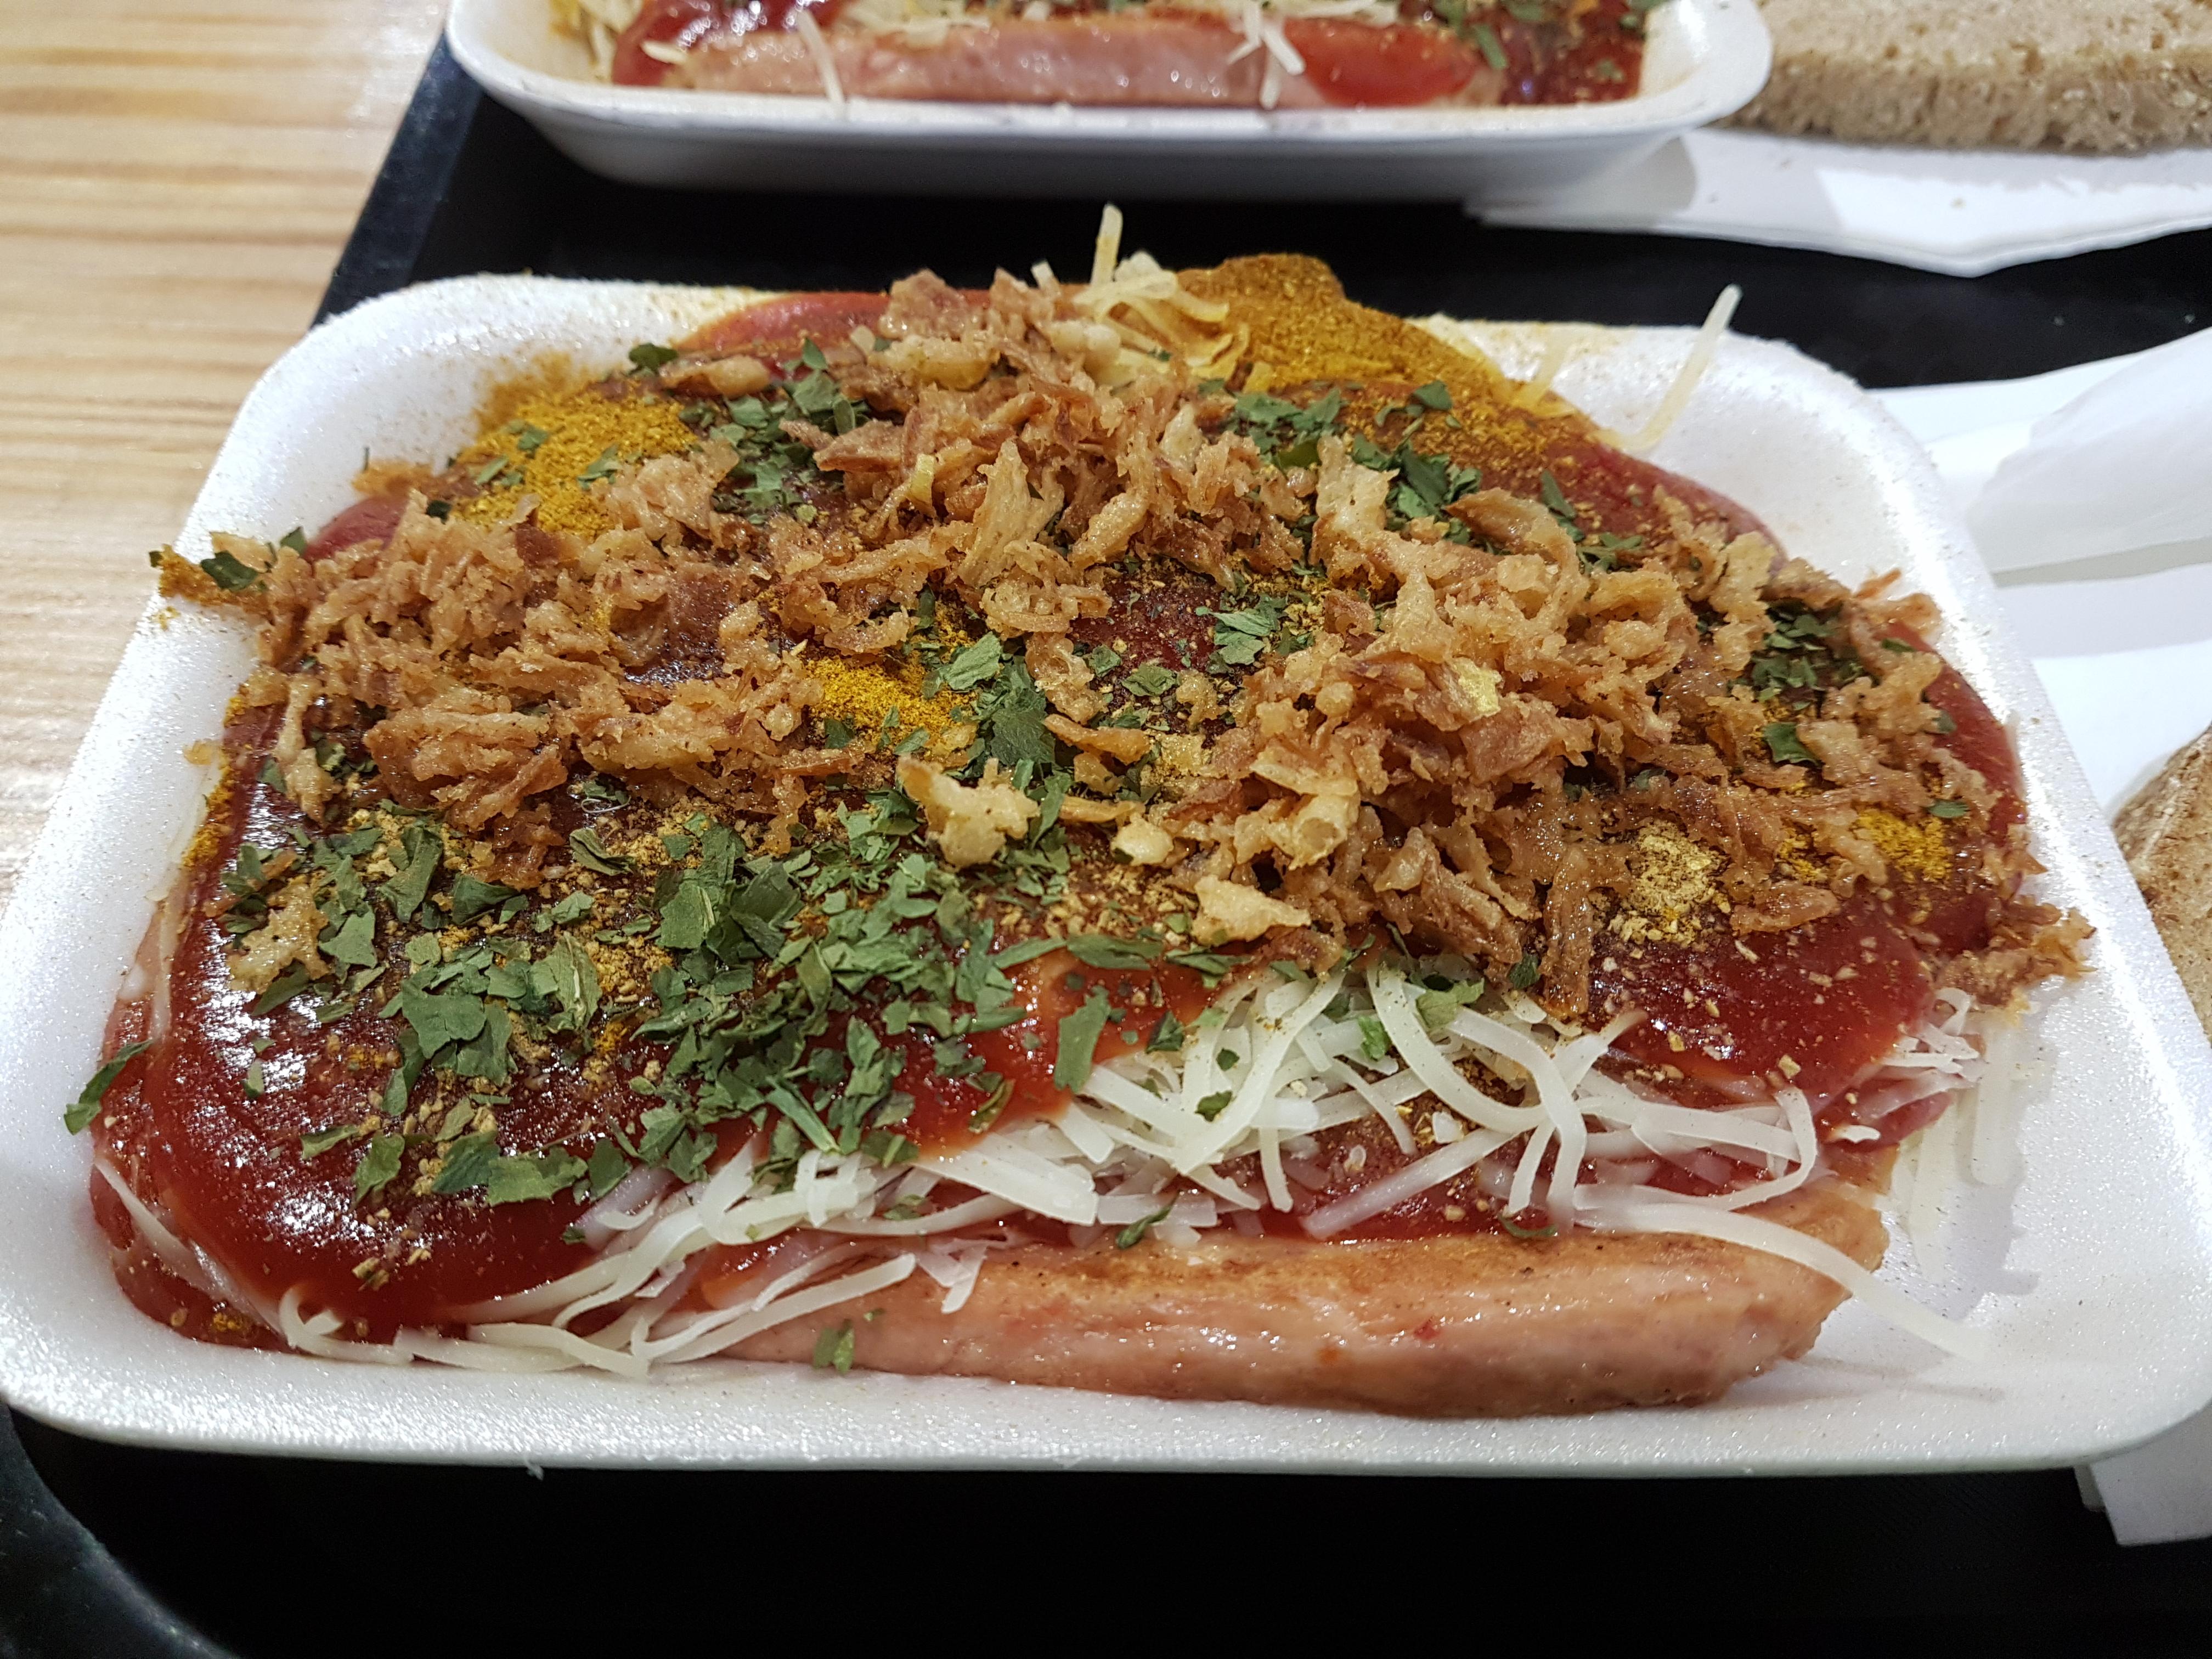 http://foodloader.net/Holz_2018-08-18_DJ_Duese_Fleischkaese.jpg